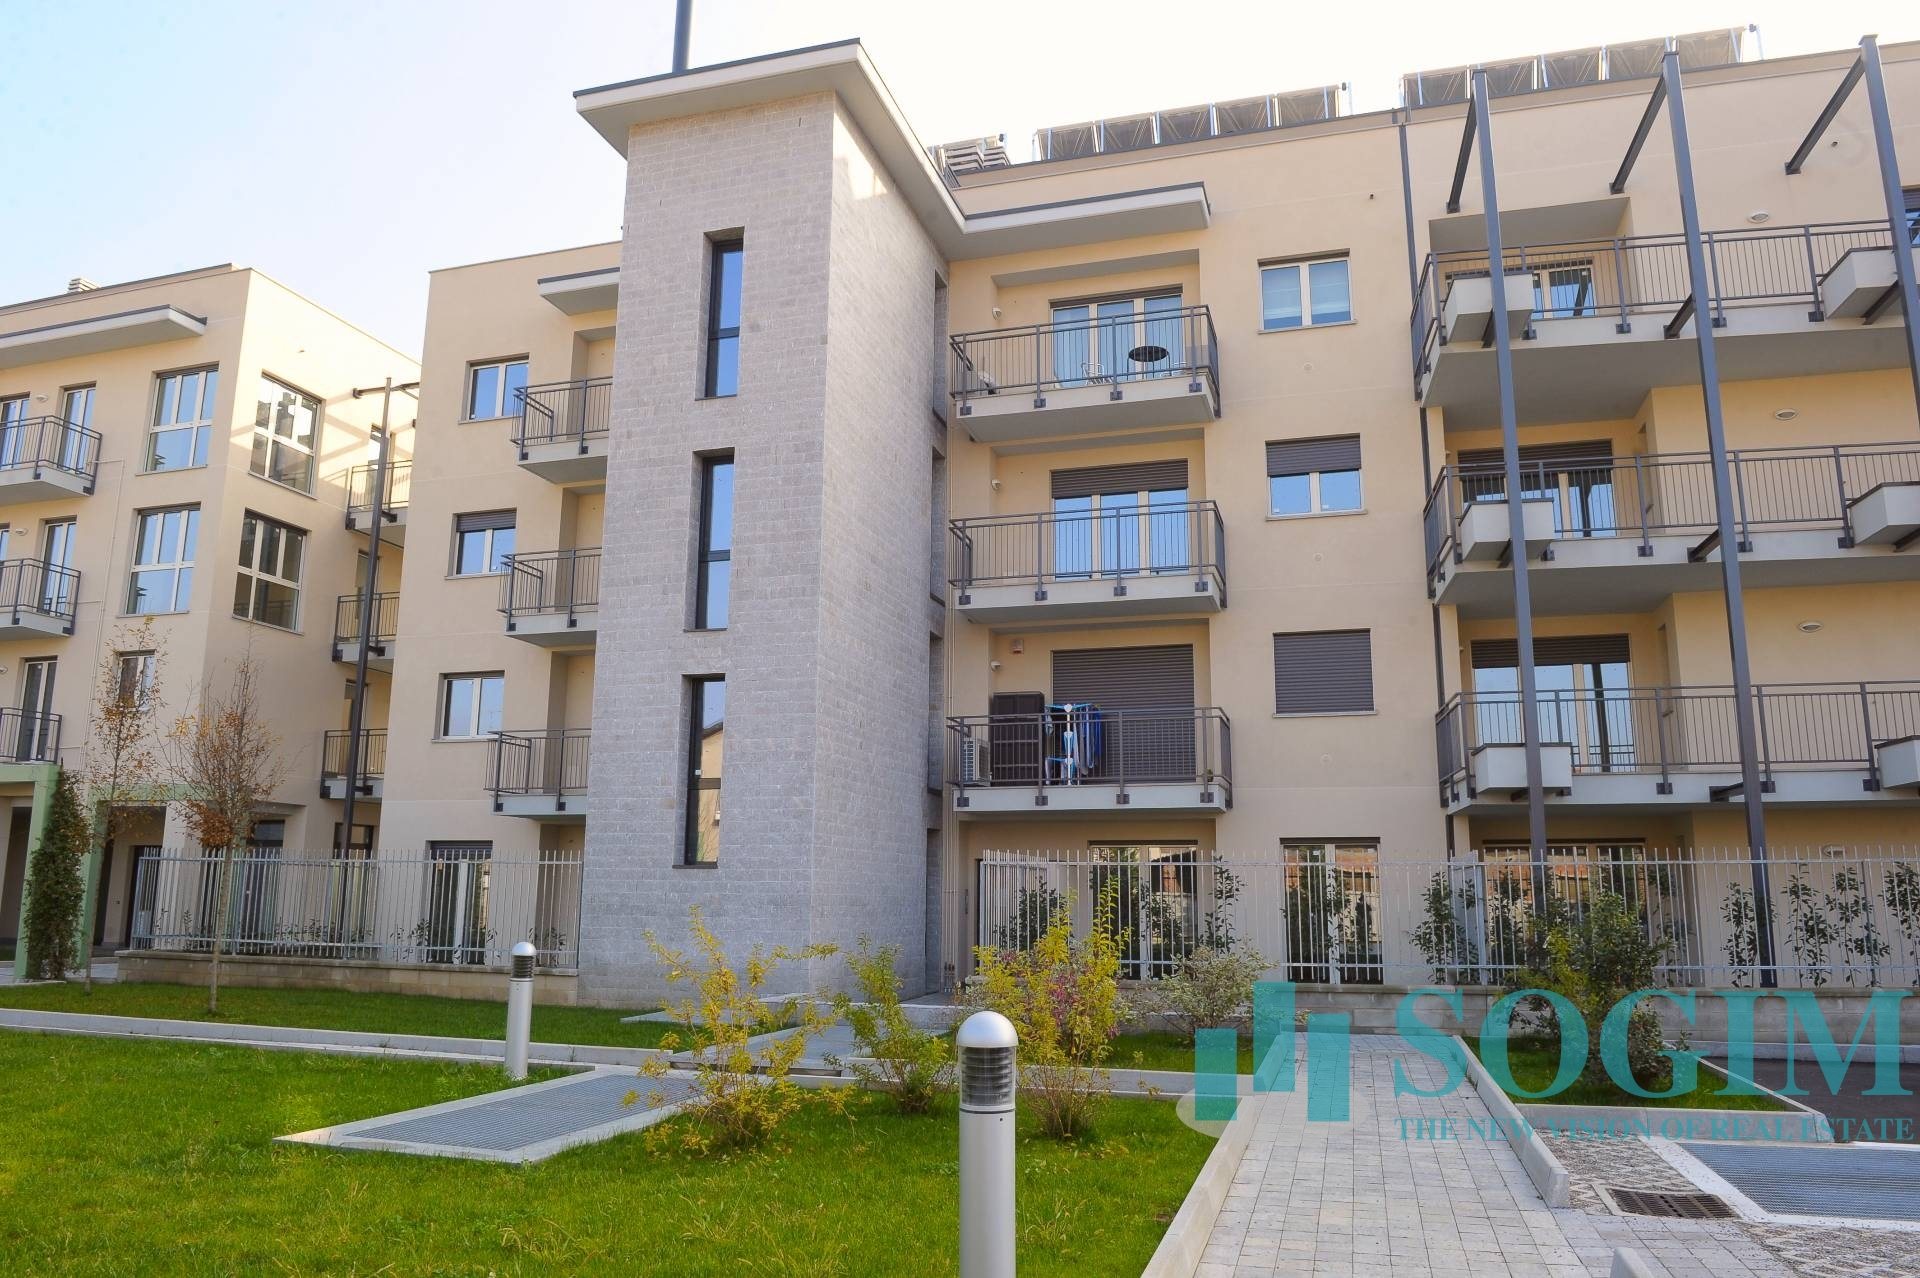 Immobile Commerciale in Vendita a Carugo  rif. 7562